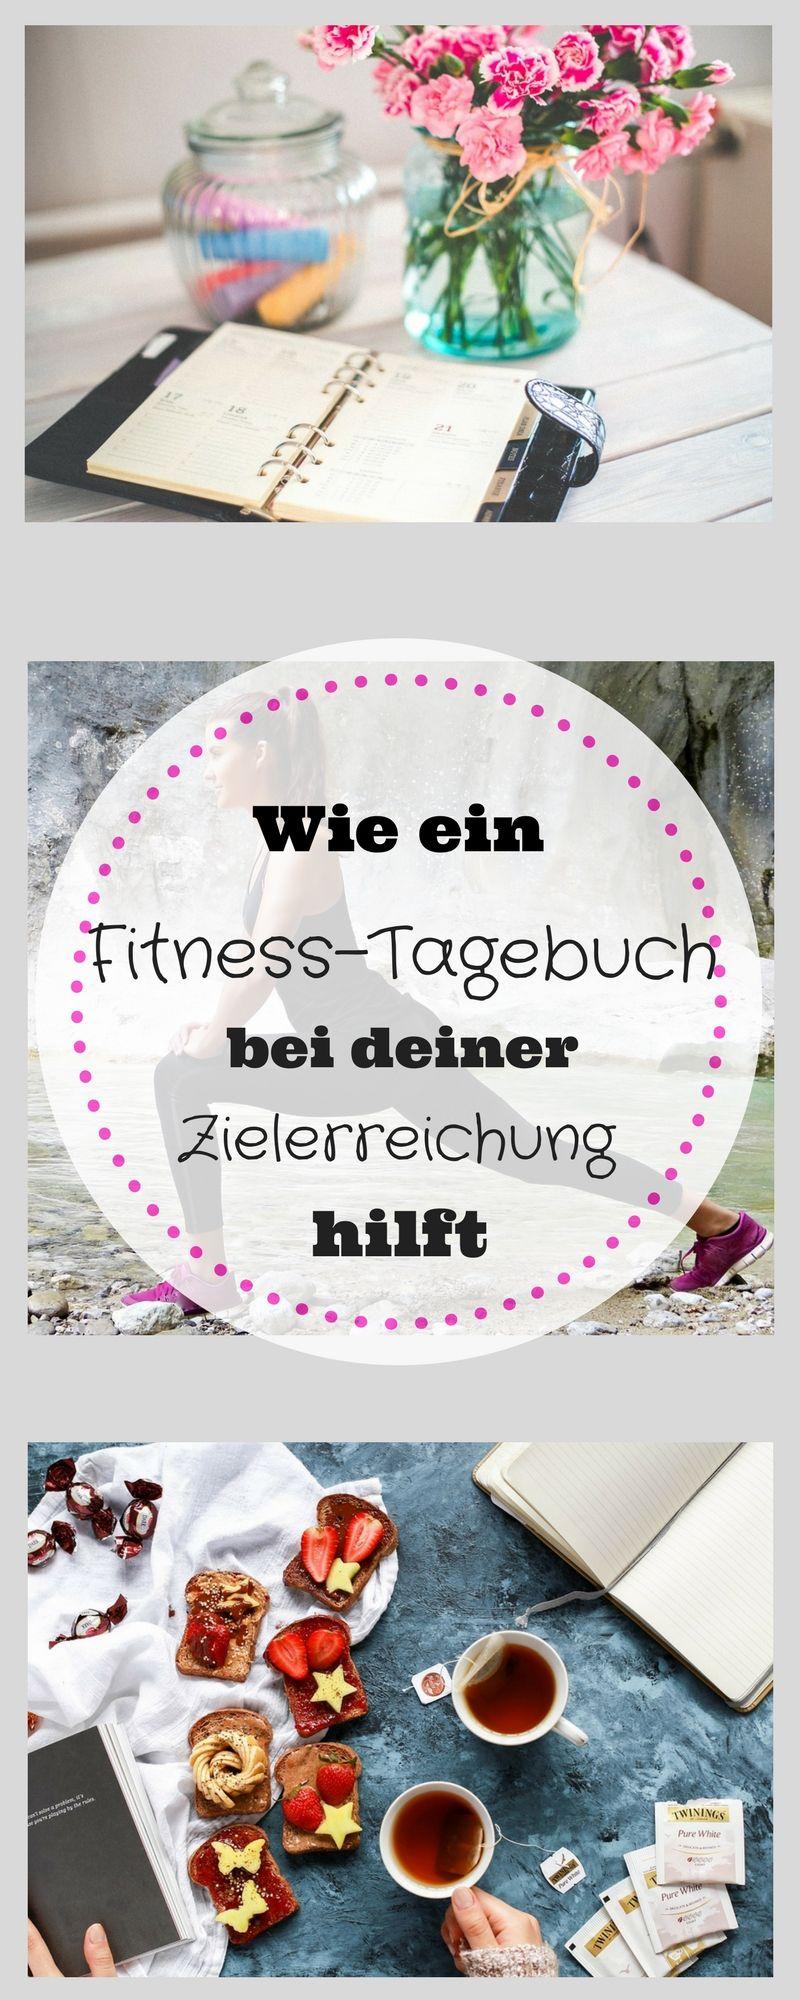 Ernahrungs Und Fitness Tagebuch Fuhren Fitness Tagebuch